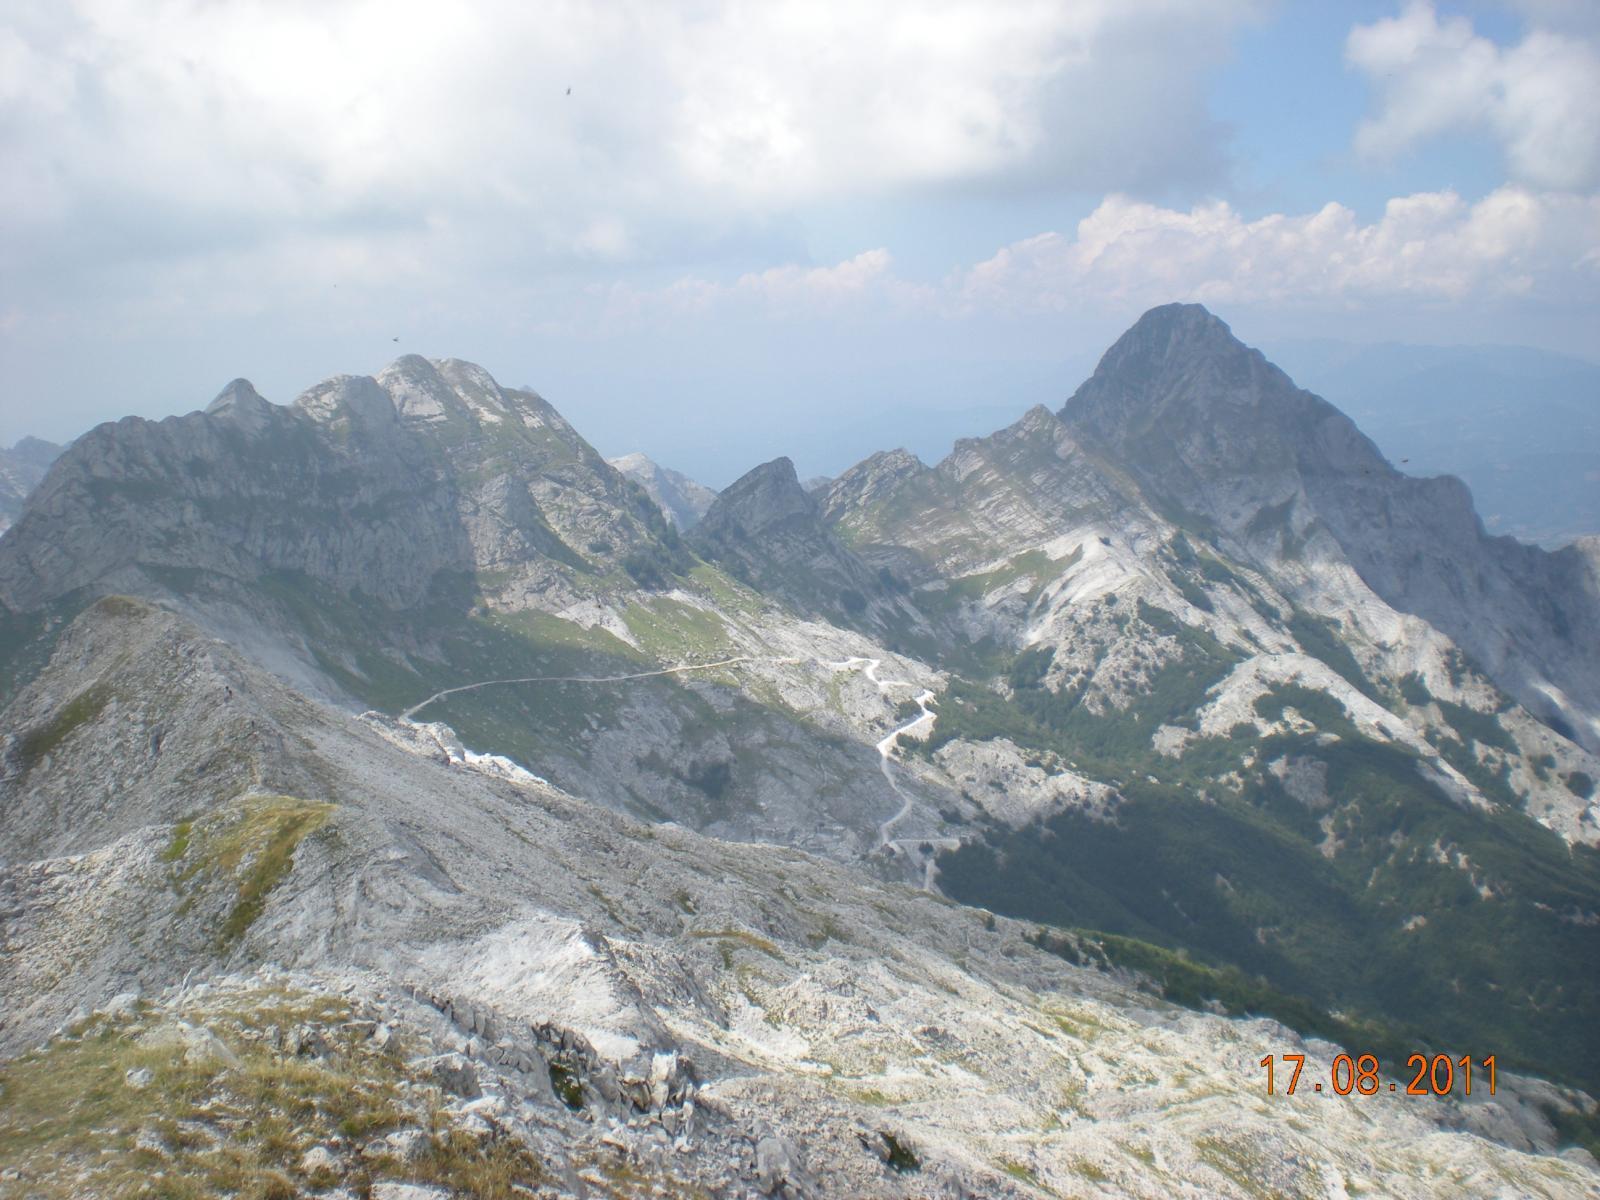 panoramica dalla cima delle vette a nord (Monte Cavallo, Pizzo Maggiore, Monte Pisanino)